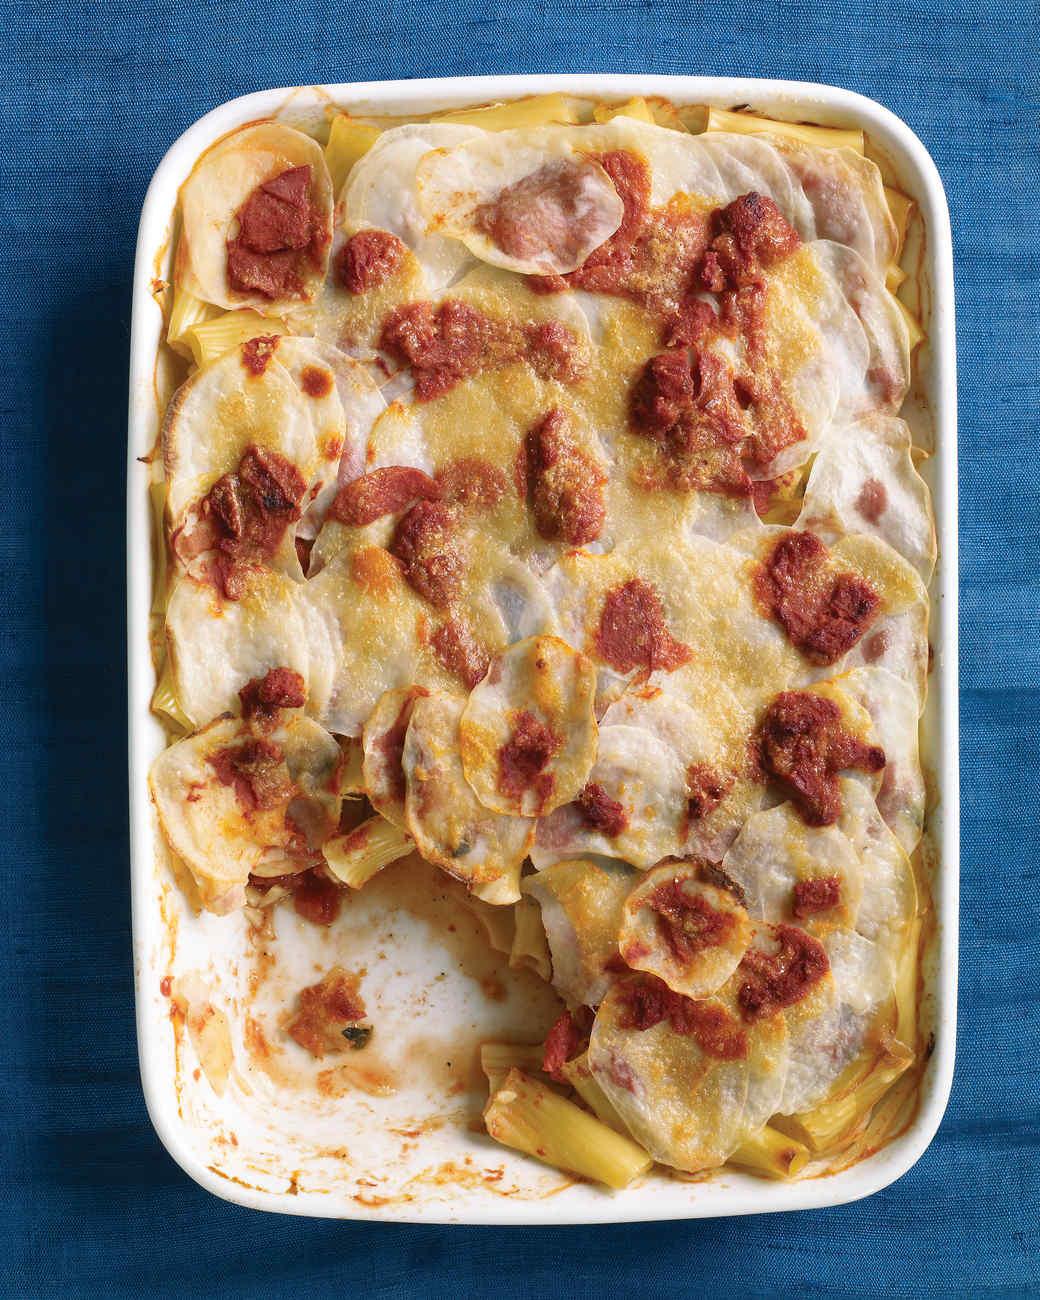 Tomato, Pasta, and Potato Bake